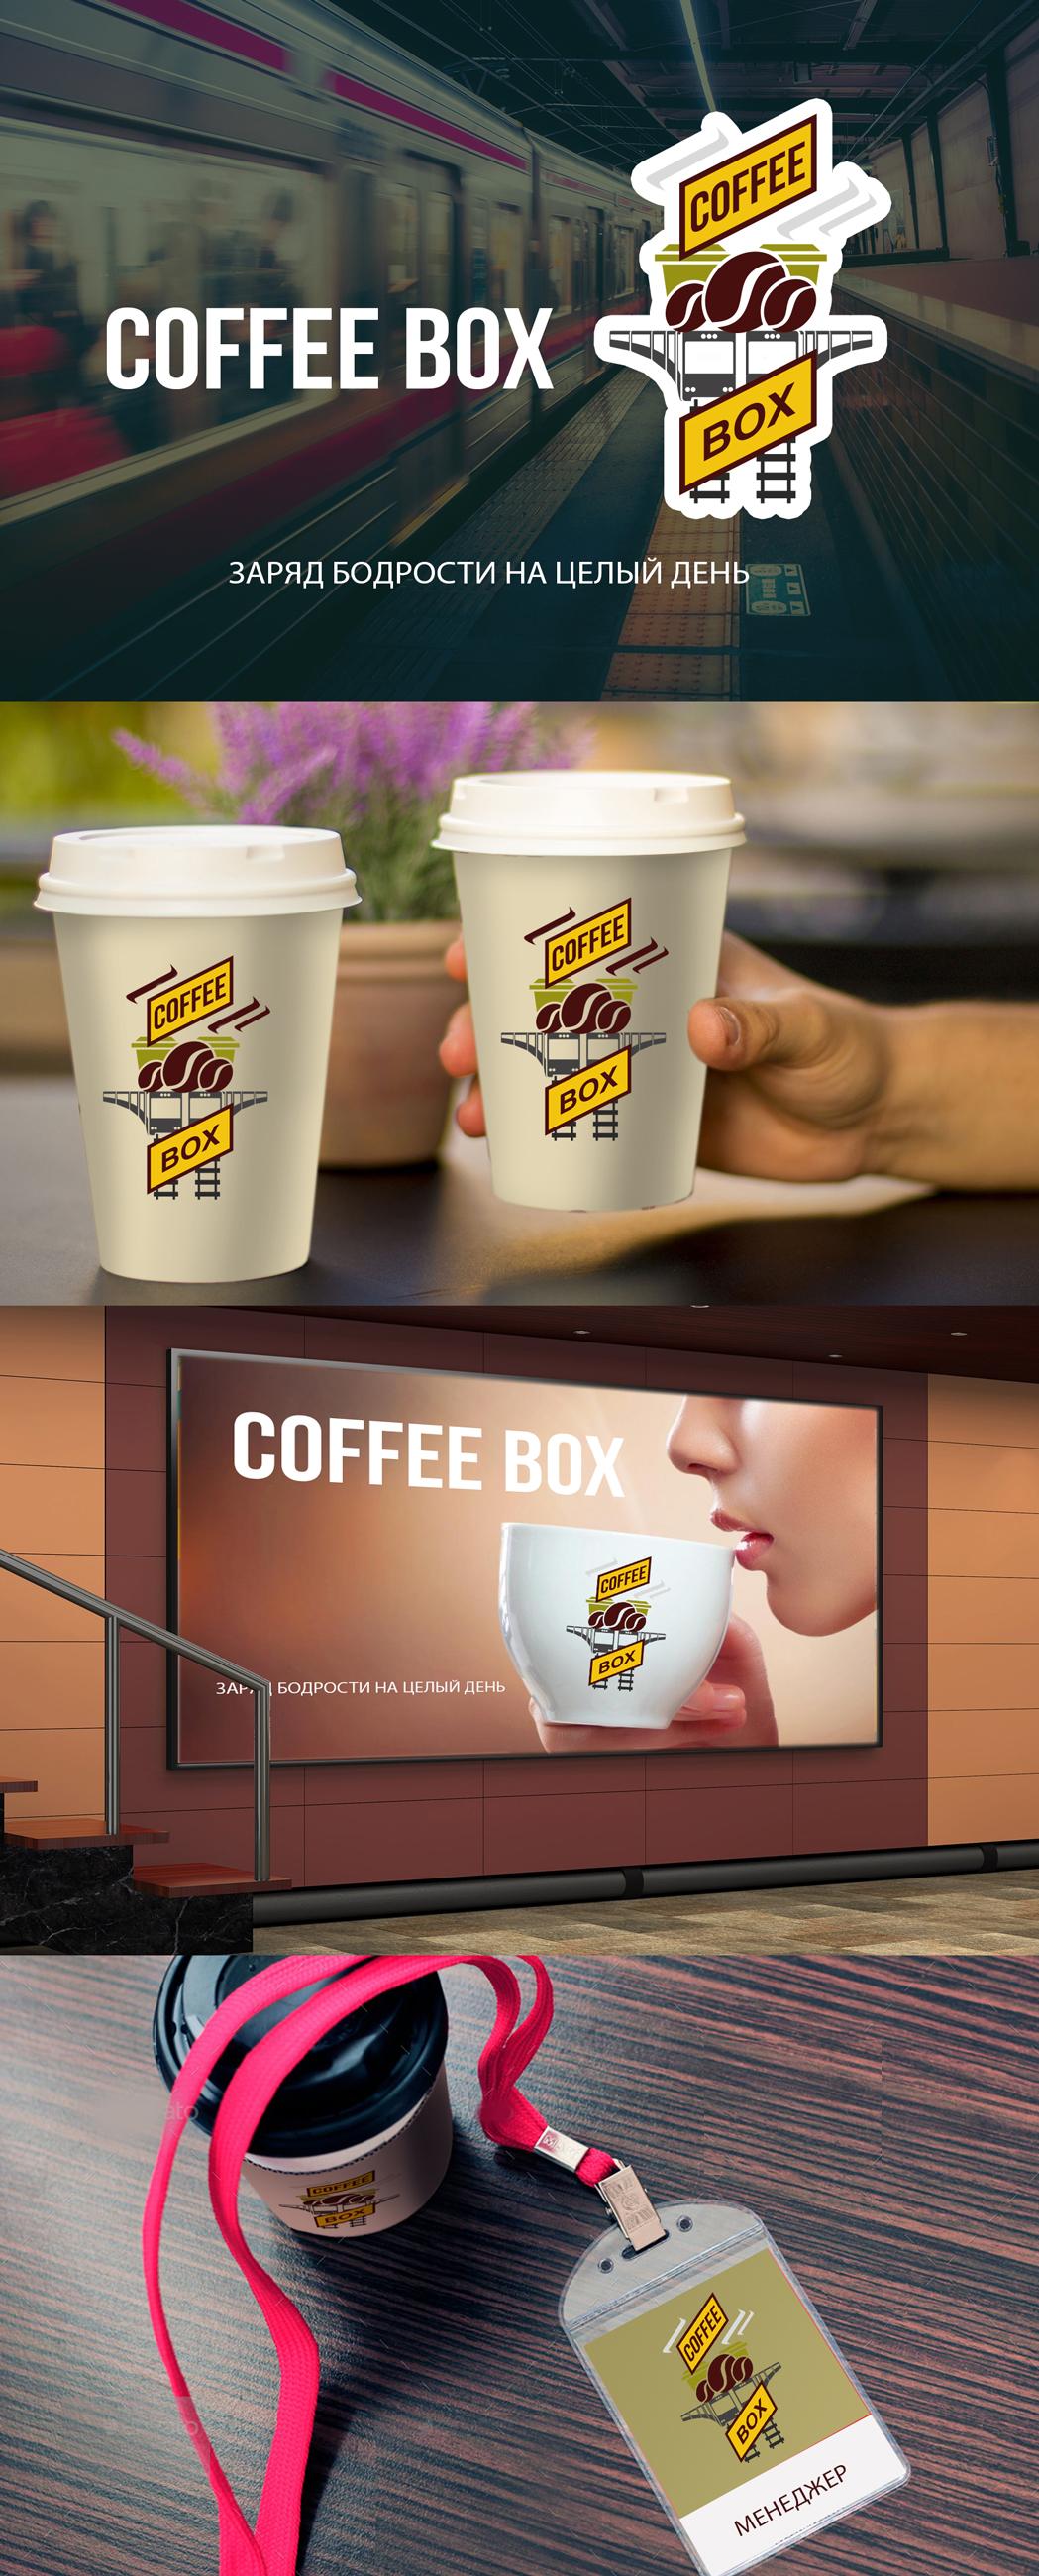 Требуется очень срочно разработать логотип кофейни! фото f_0375a1558b804393.jpg